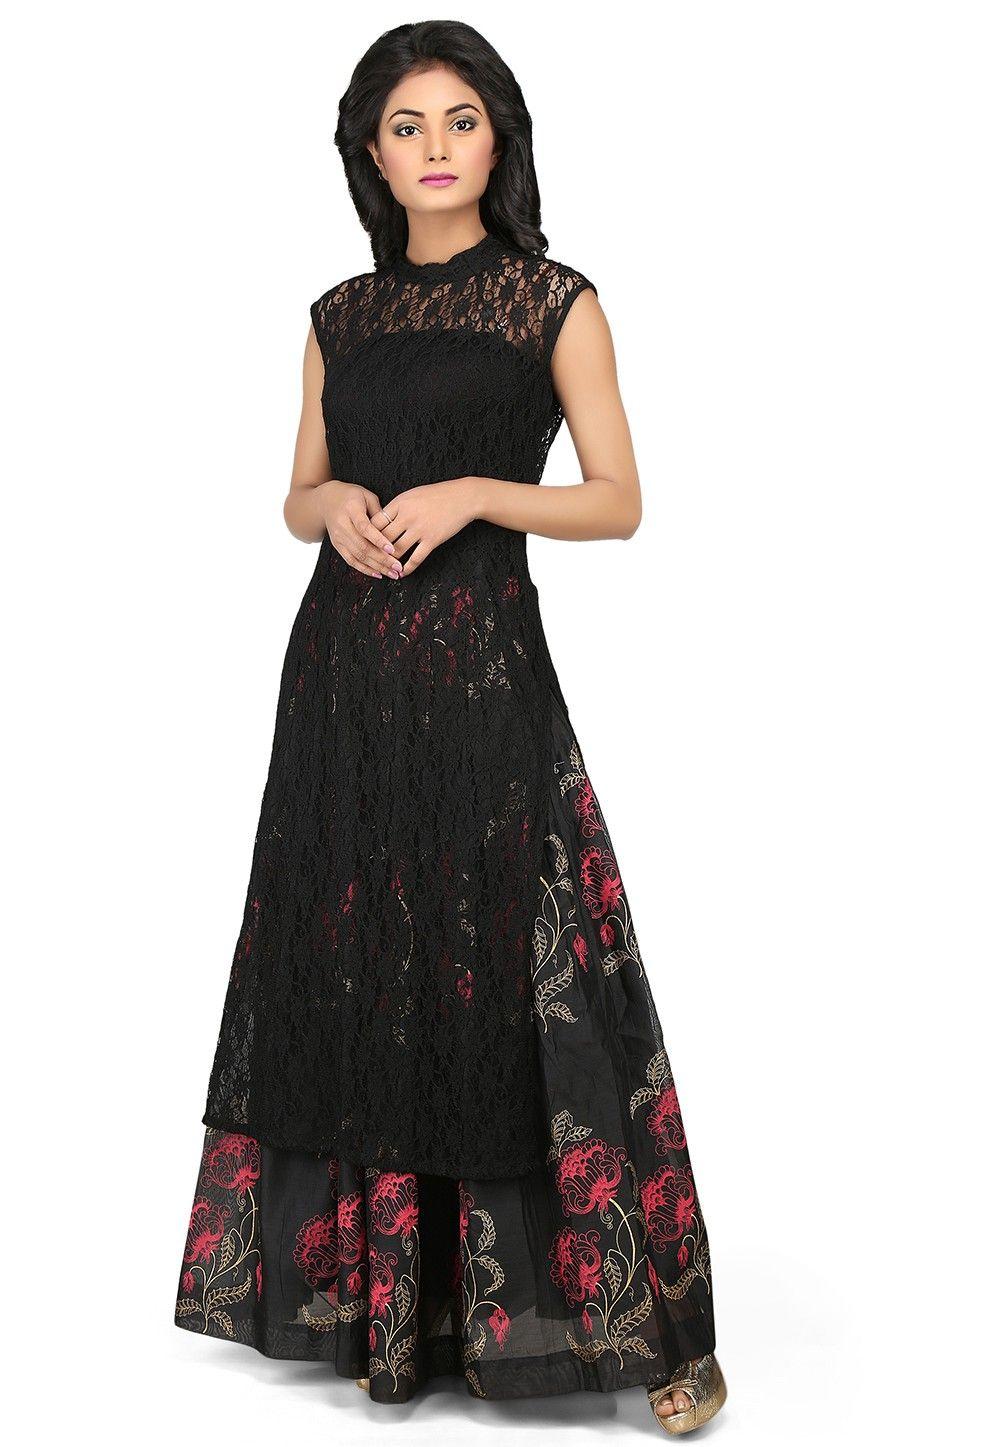 Woven Chantelle Net Long Kurta in Black